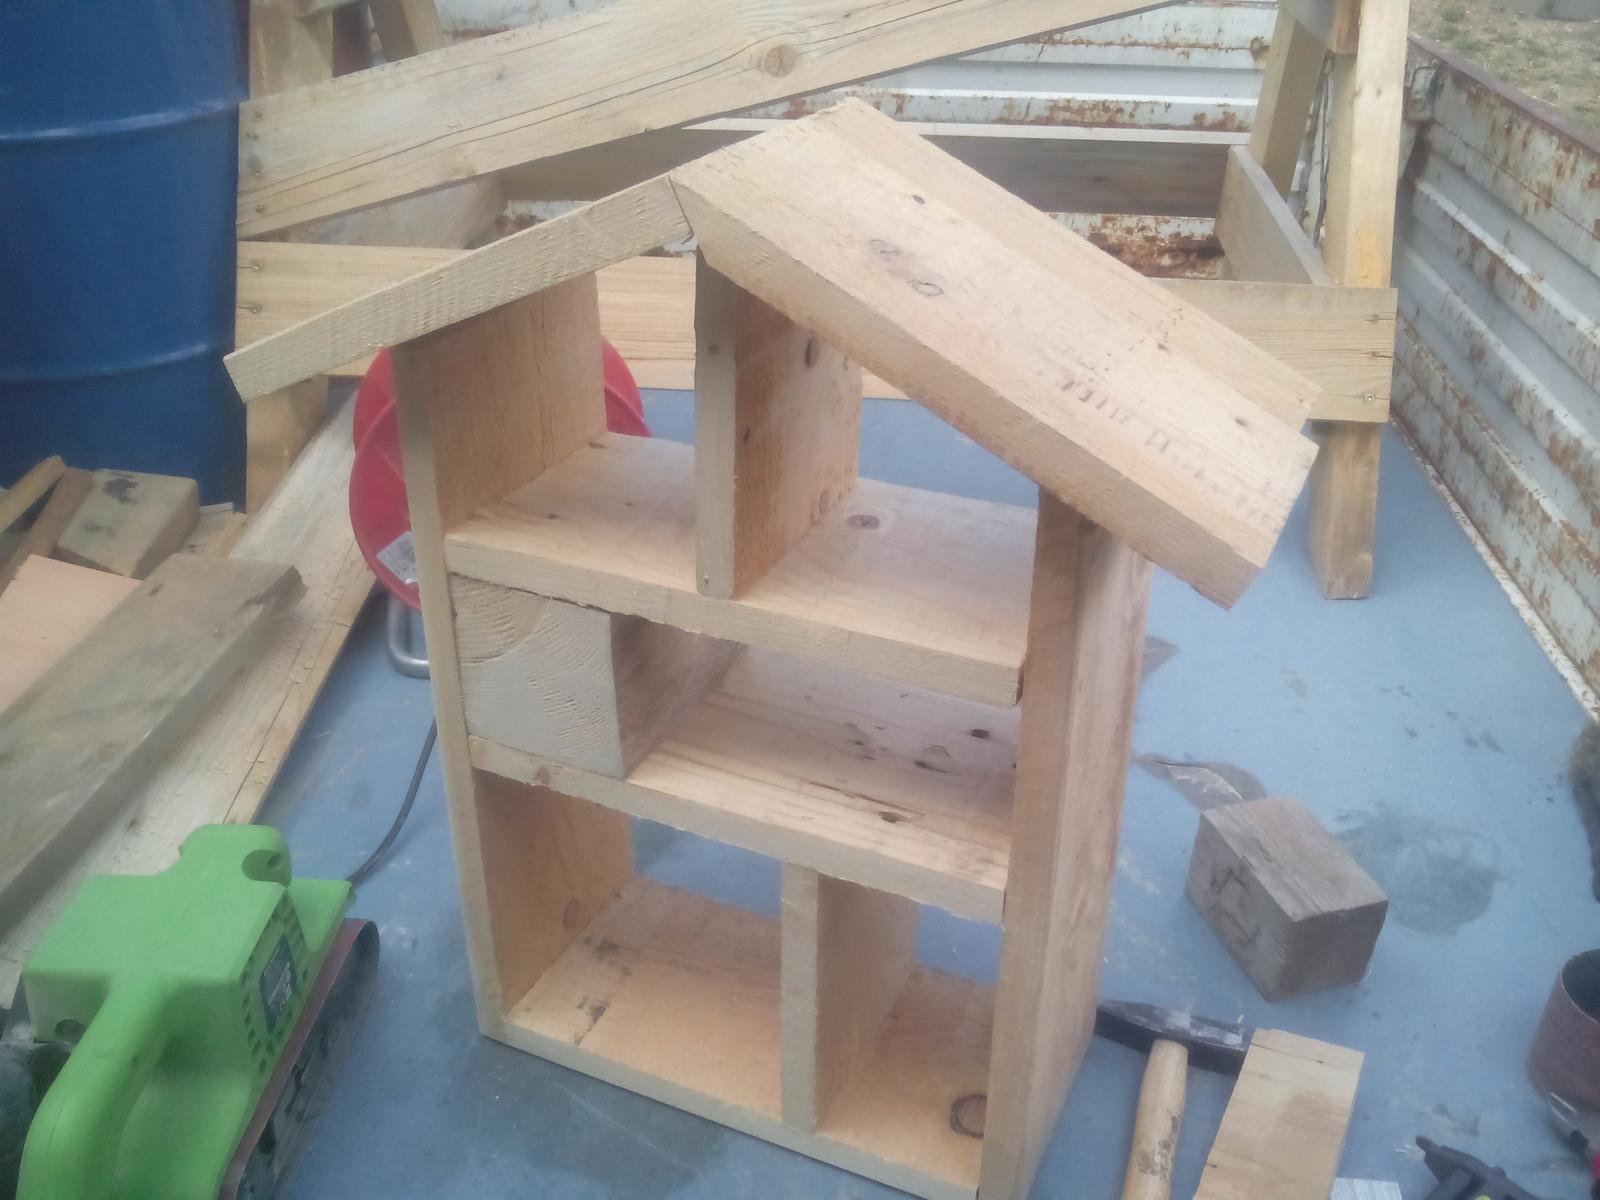 Ešte raz niečo zo zbytkov dreva - Už to má aj striešku... Už viete, čo to asi bude?